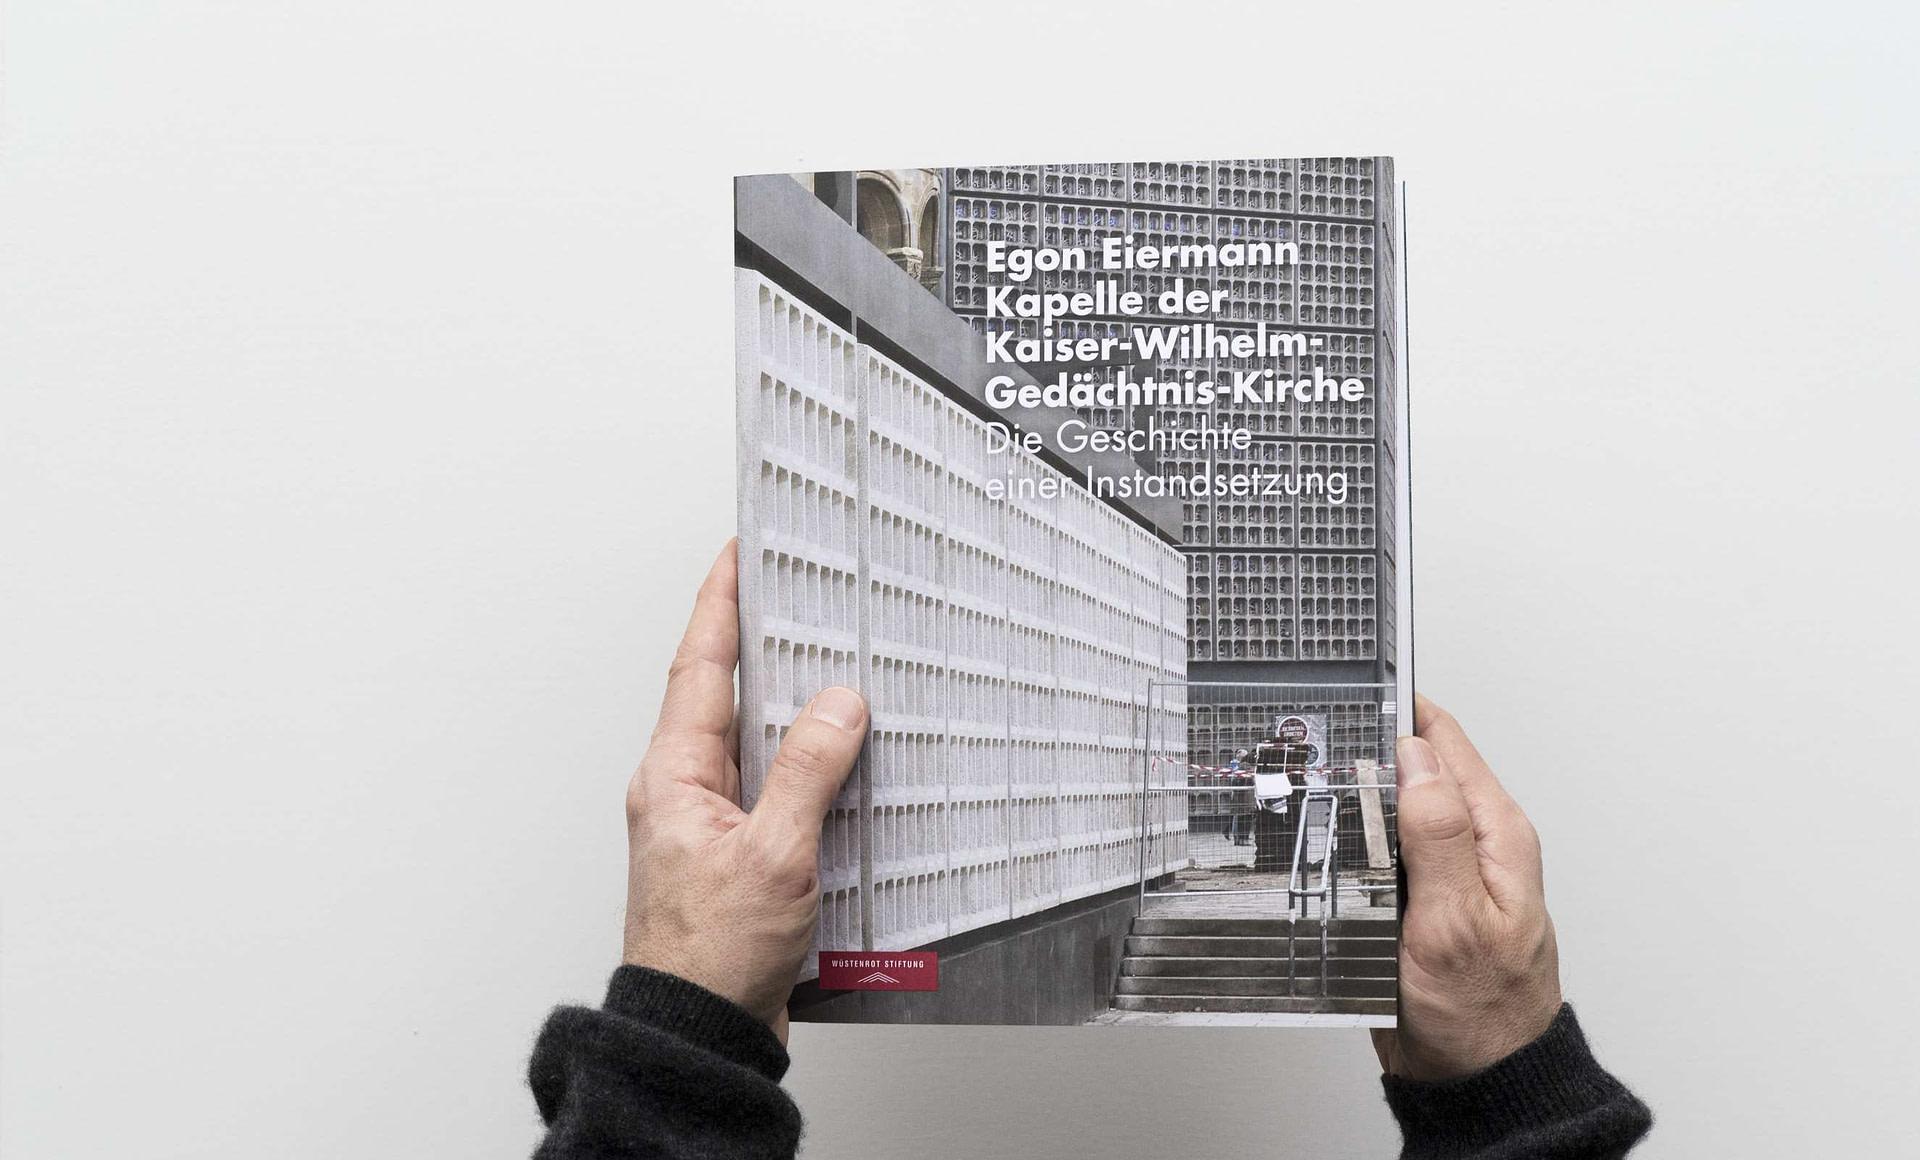 kaiser-wilhelm-memorial-church-book-1-2650x1600px